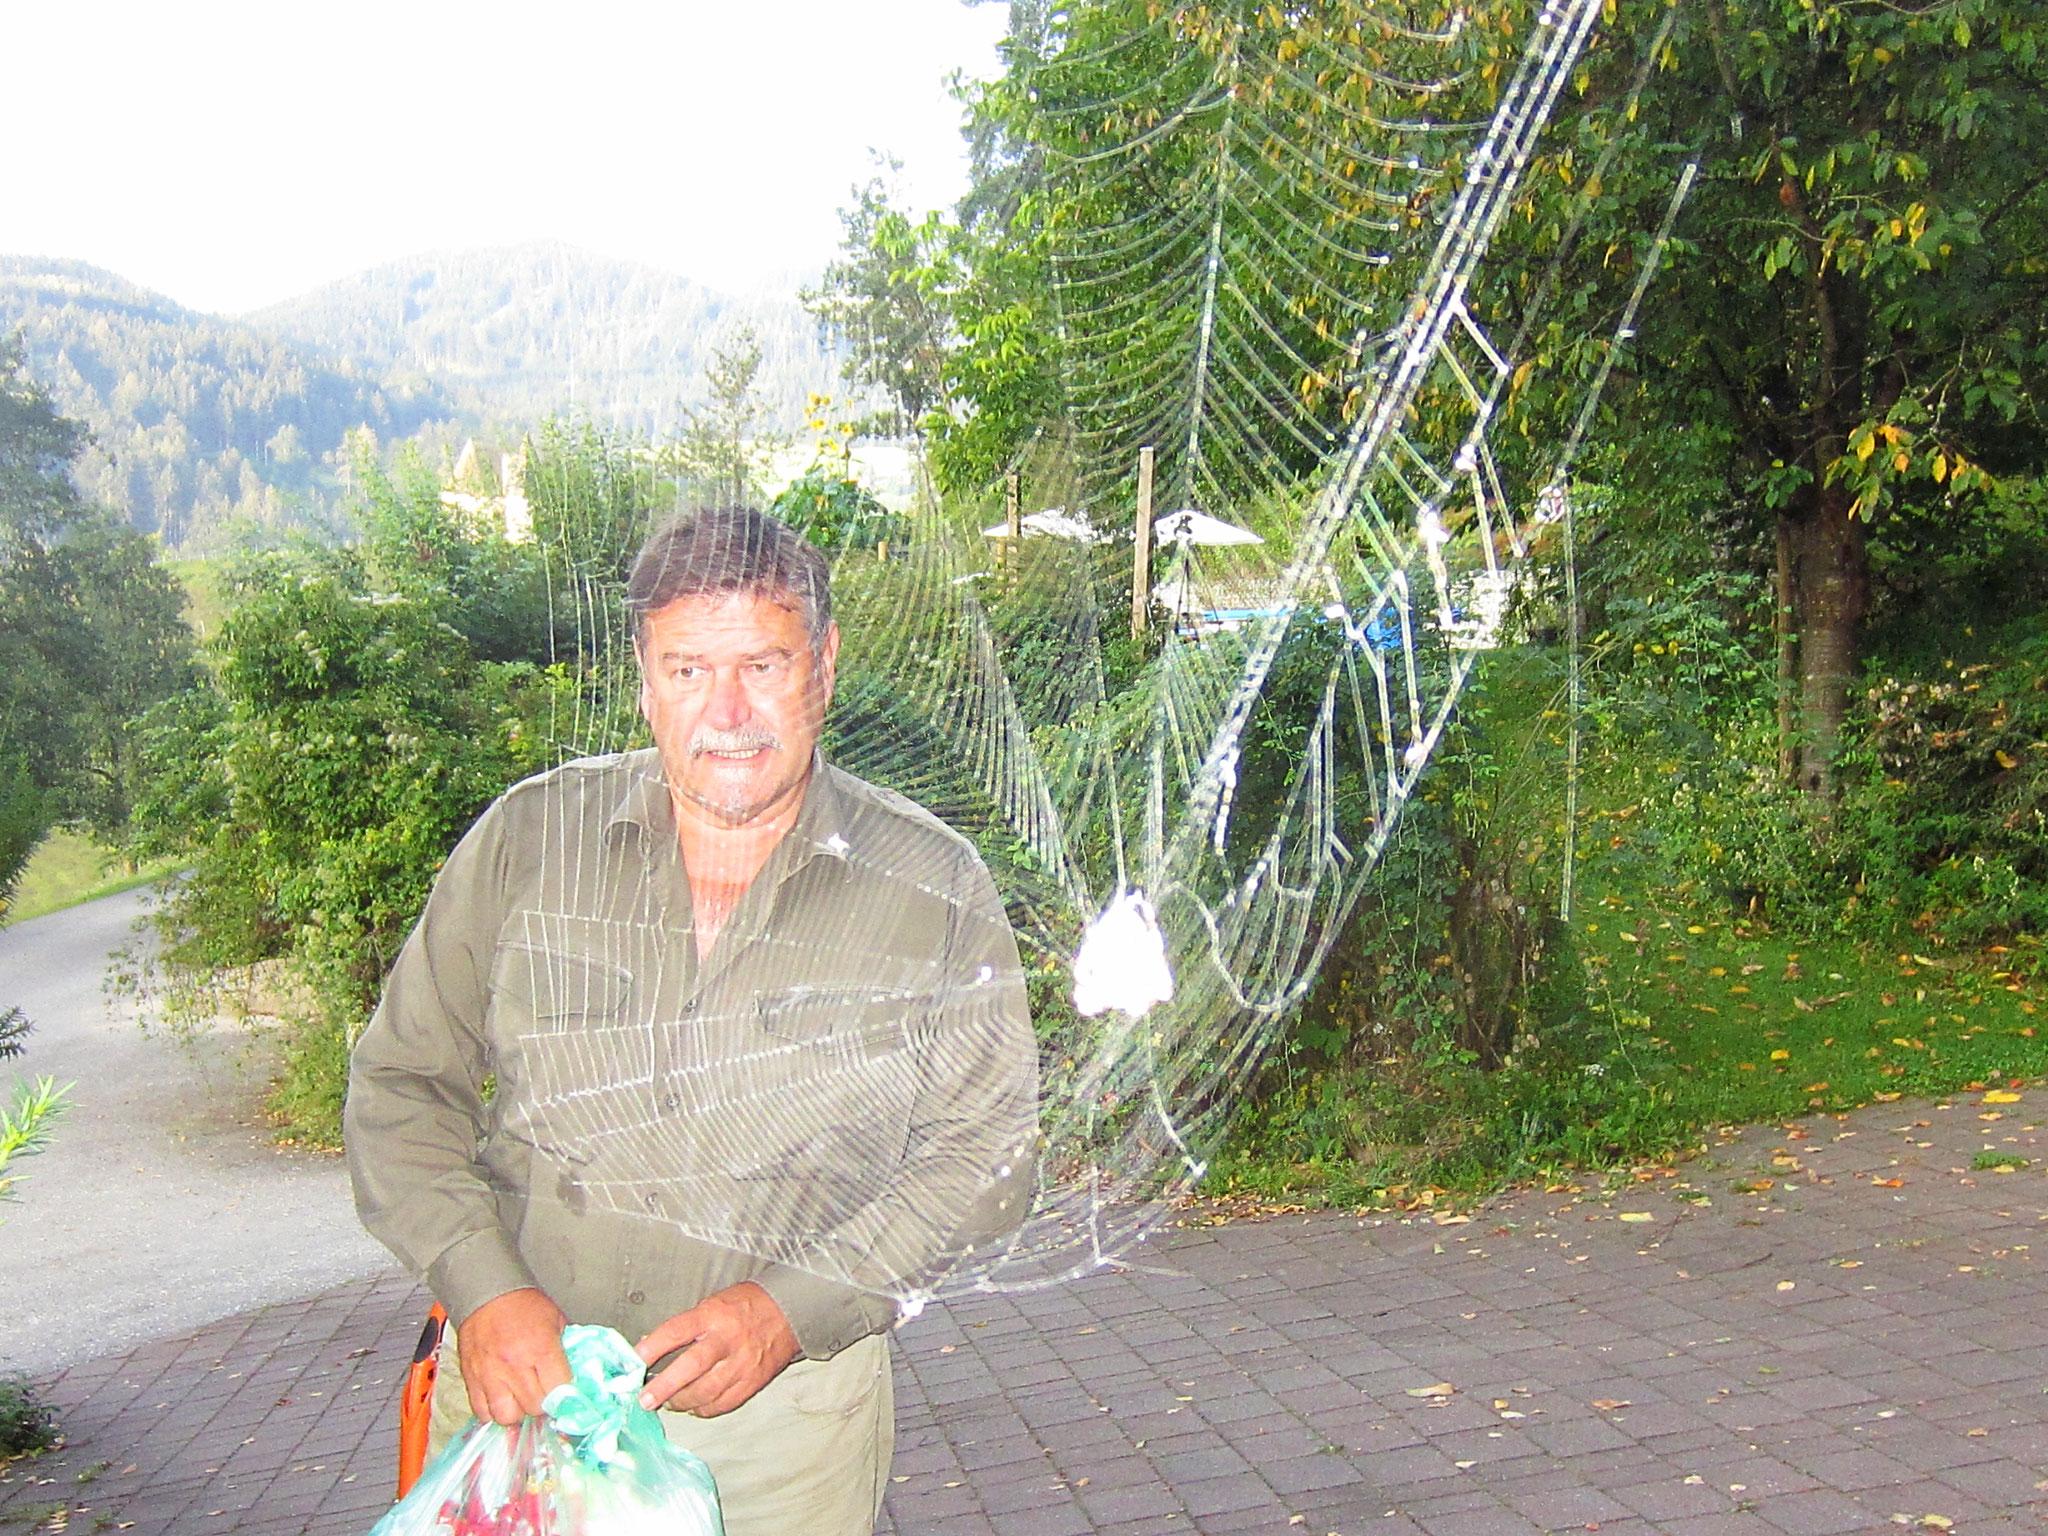 so ein großes, wunderschönes spinnennetz habe ich selten gesehen - dieses hält scheinbar meinen mann gefangen ...